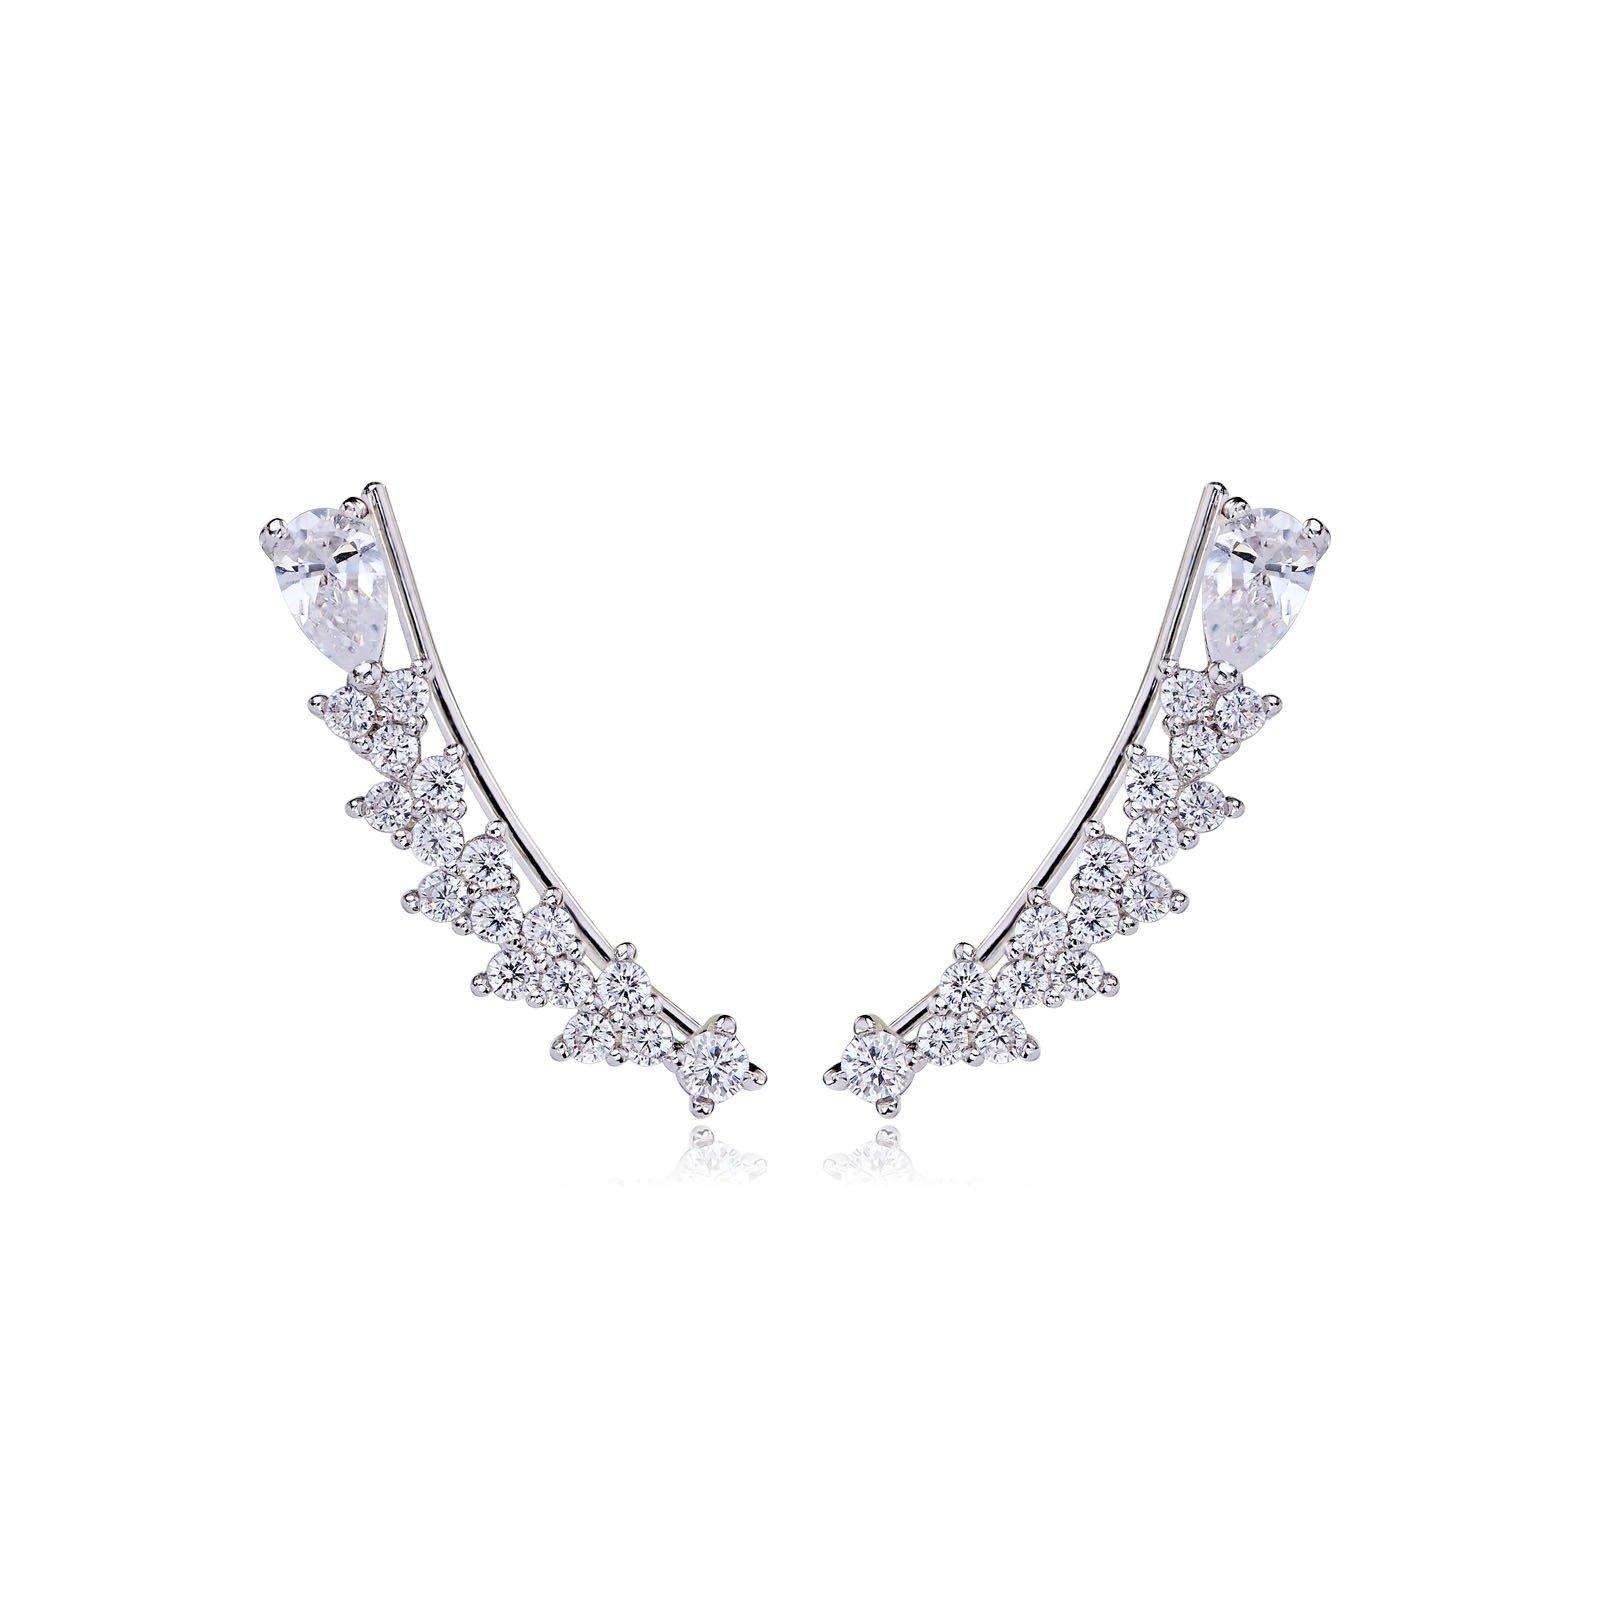 Ear Cuff Earring for Women - Cartilage Climber Earrings For Pierced Ears - Zircon Stud Earring With Austrian Crystals